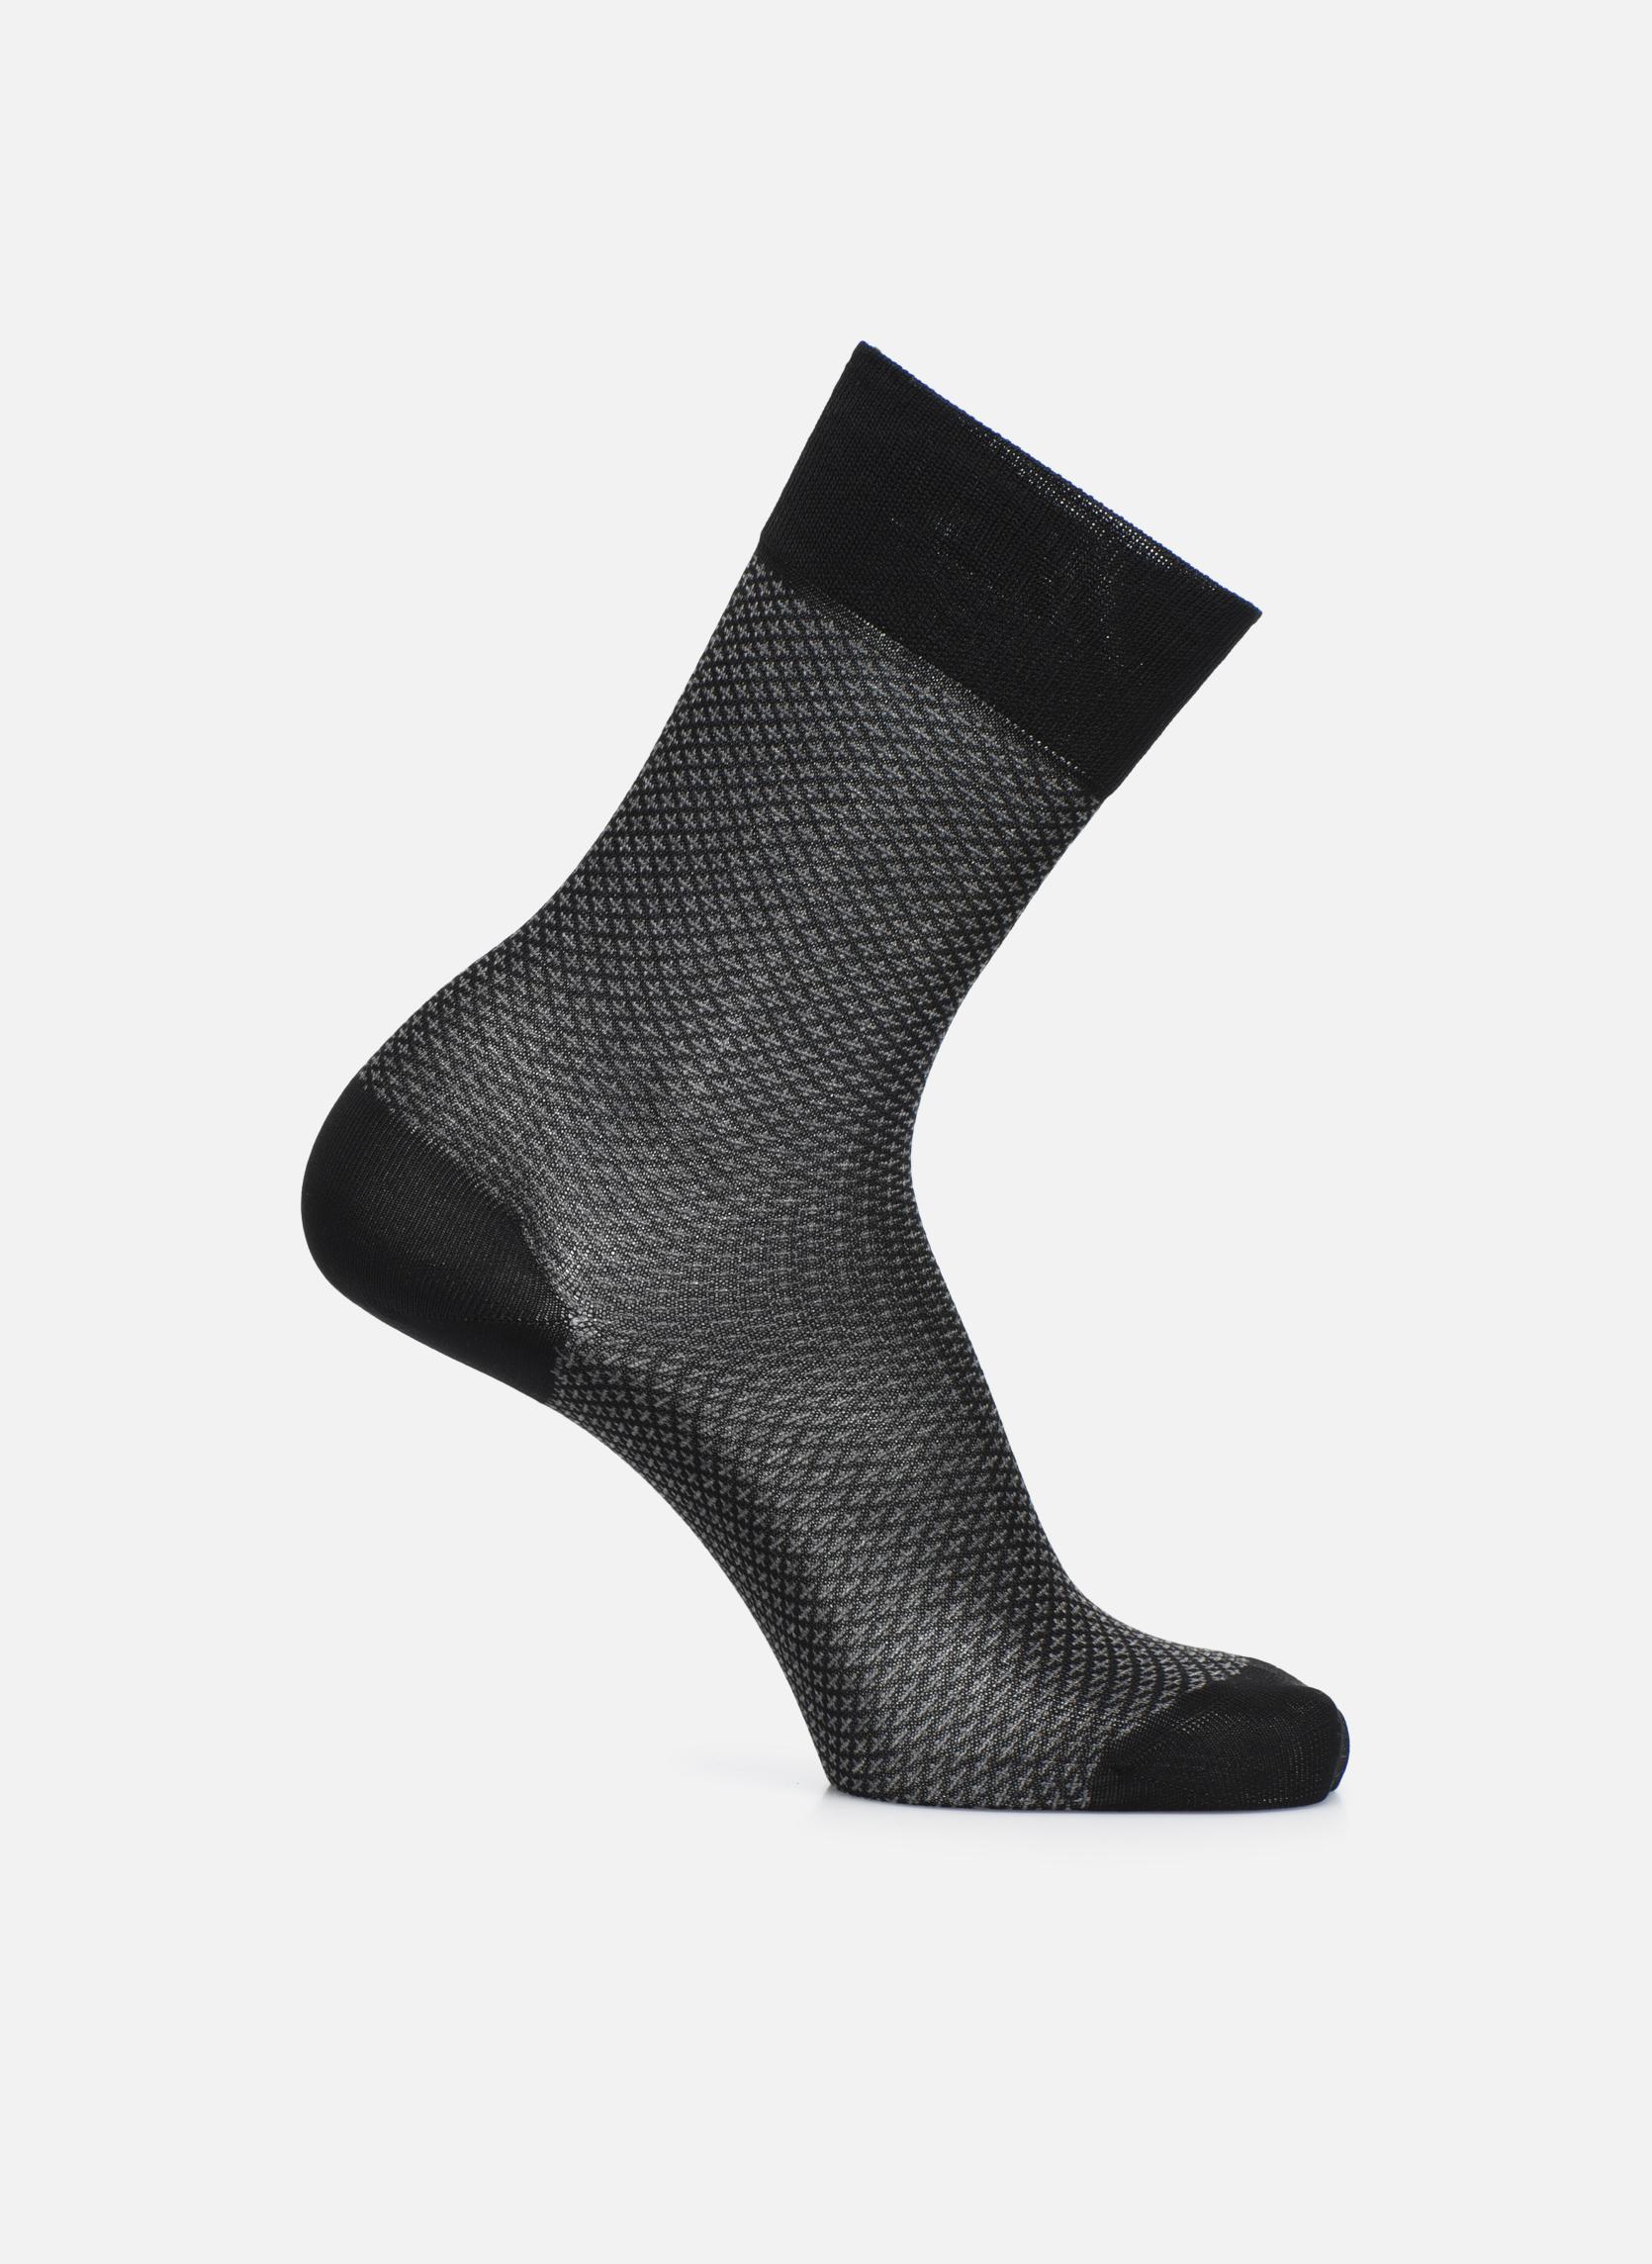 093 - noir